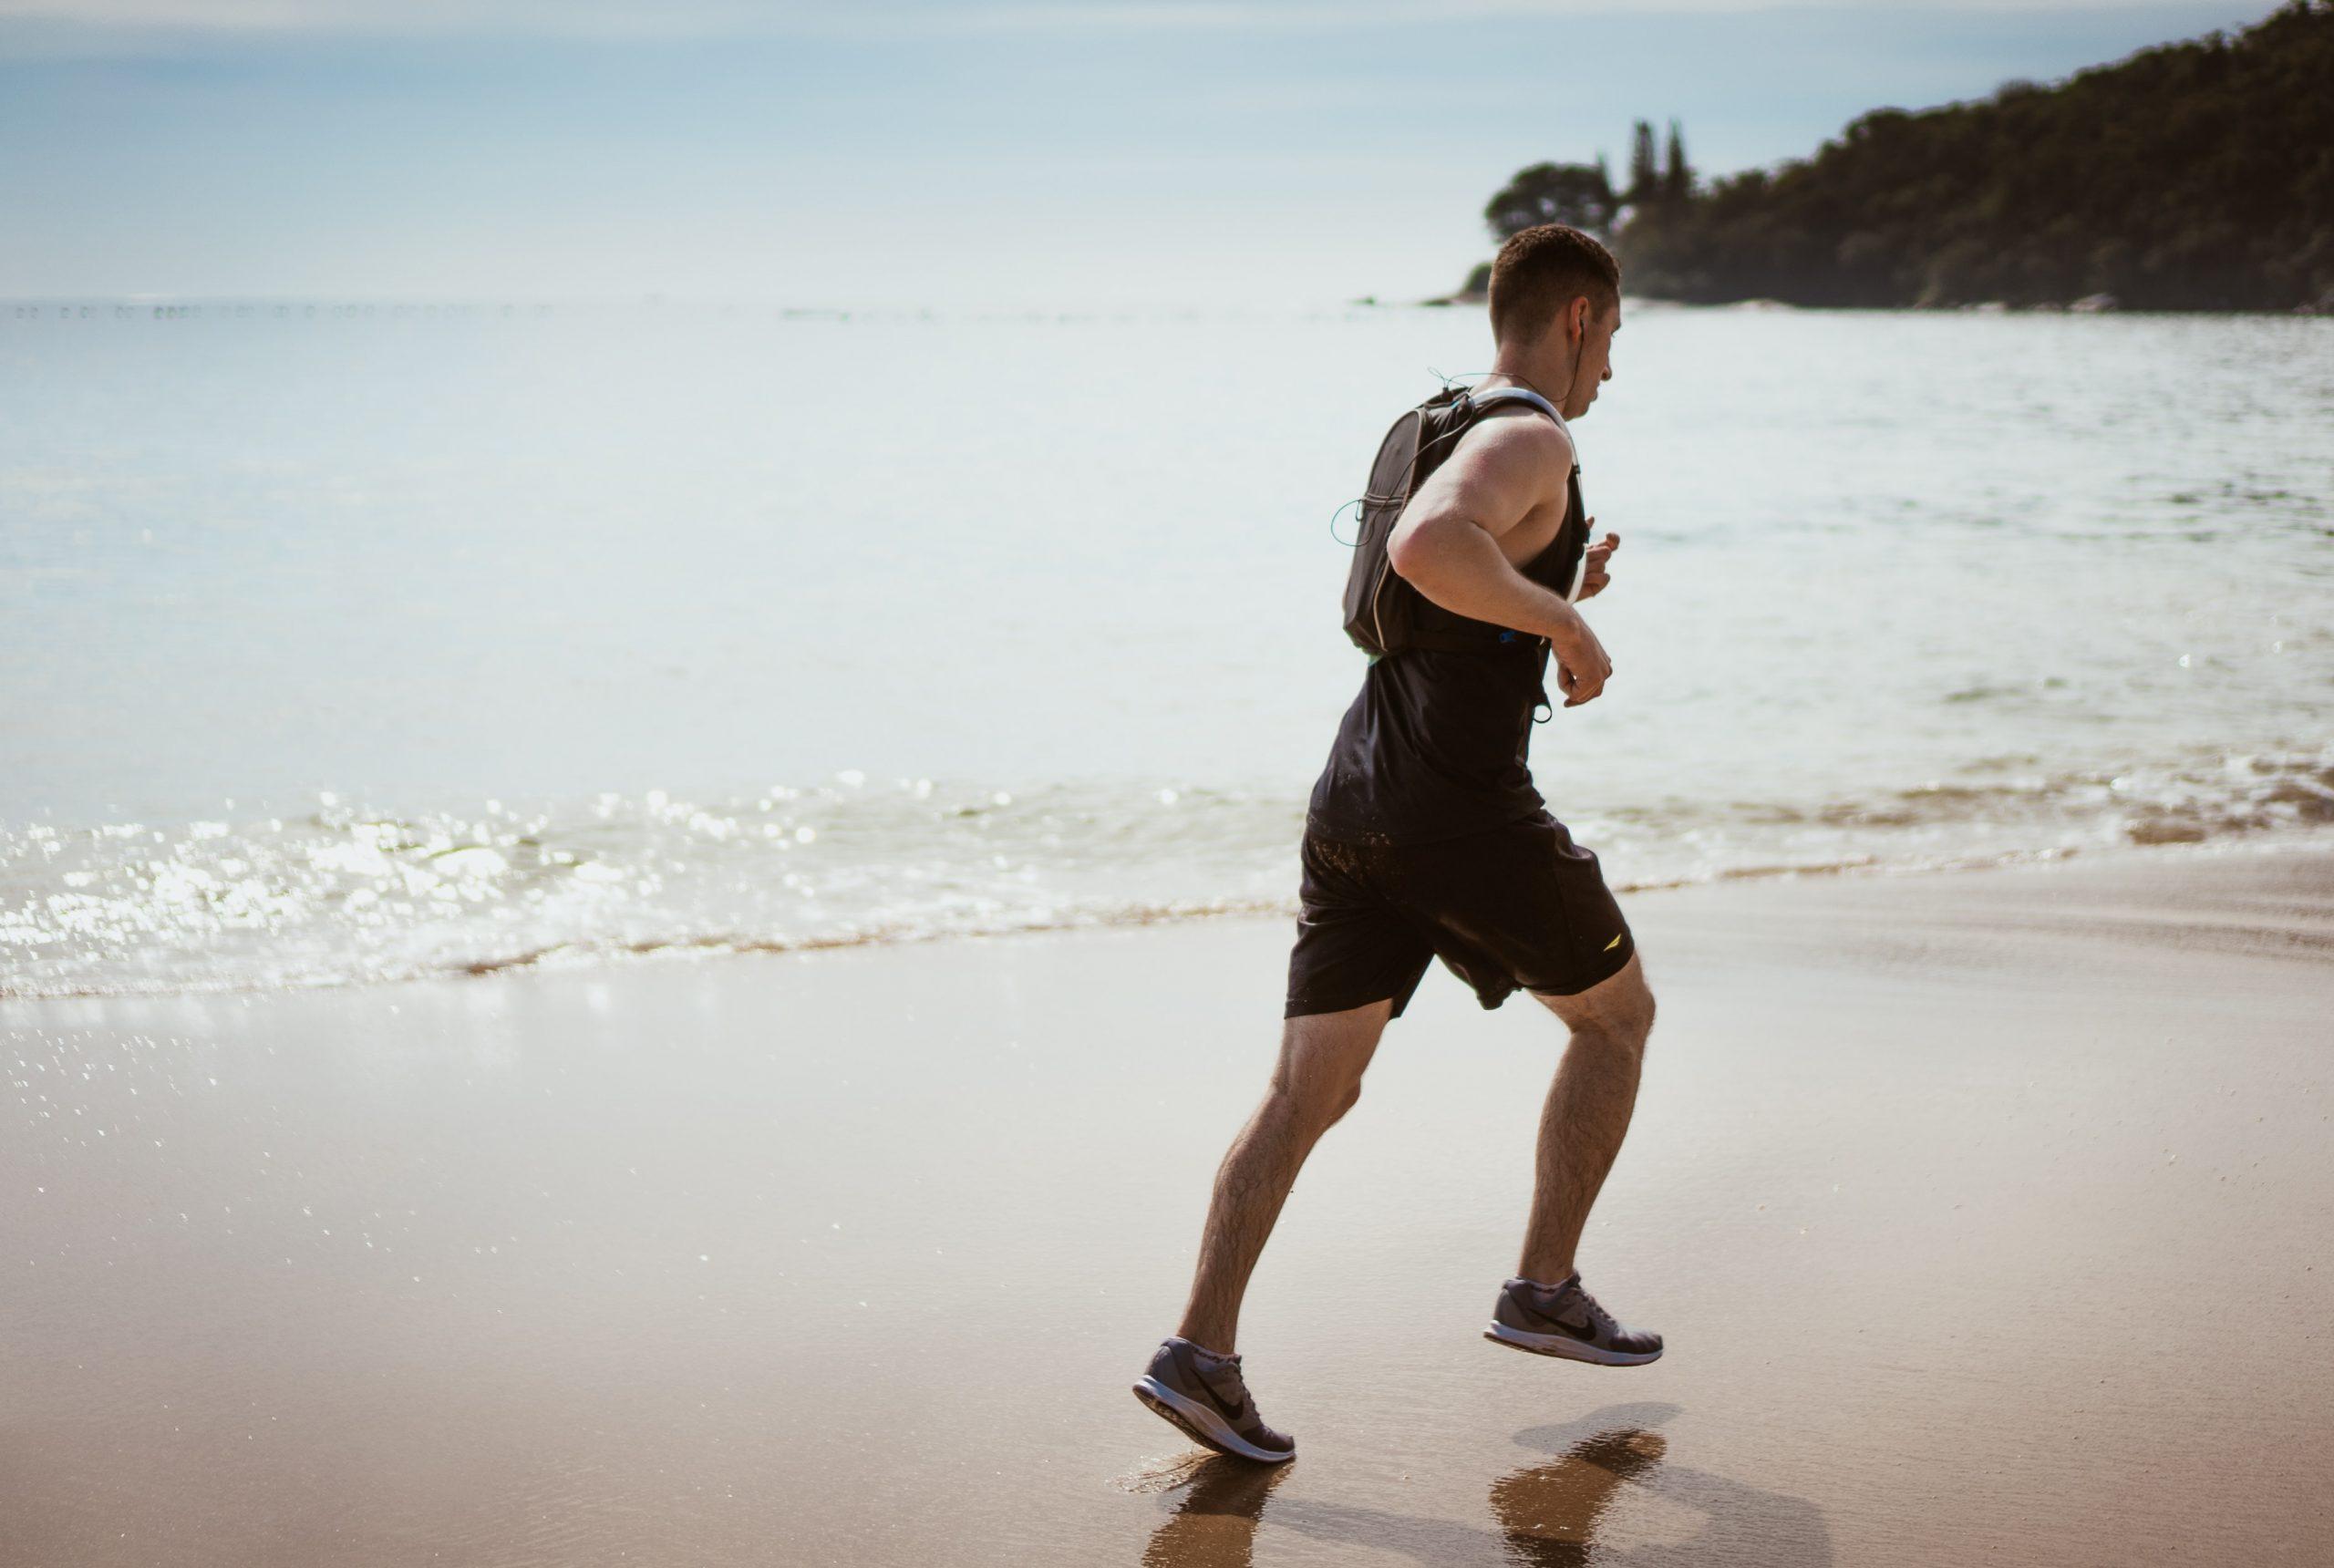 Dieta dla biegacza – 90% biegaczy korzysta z niej!